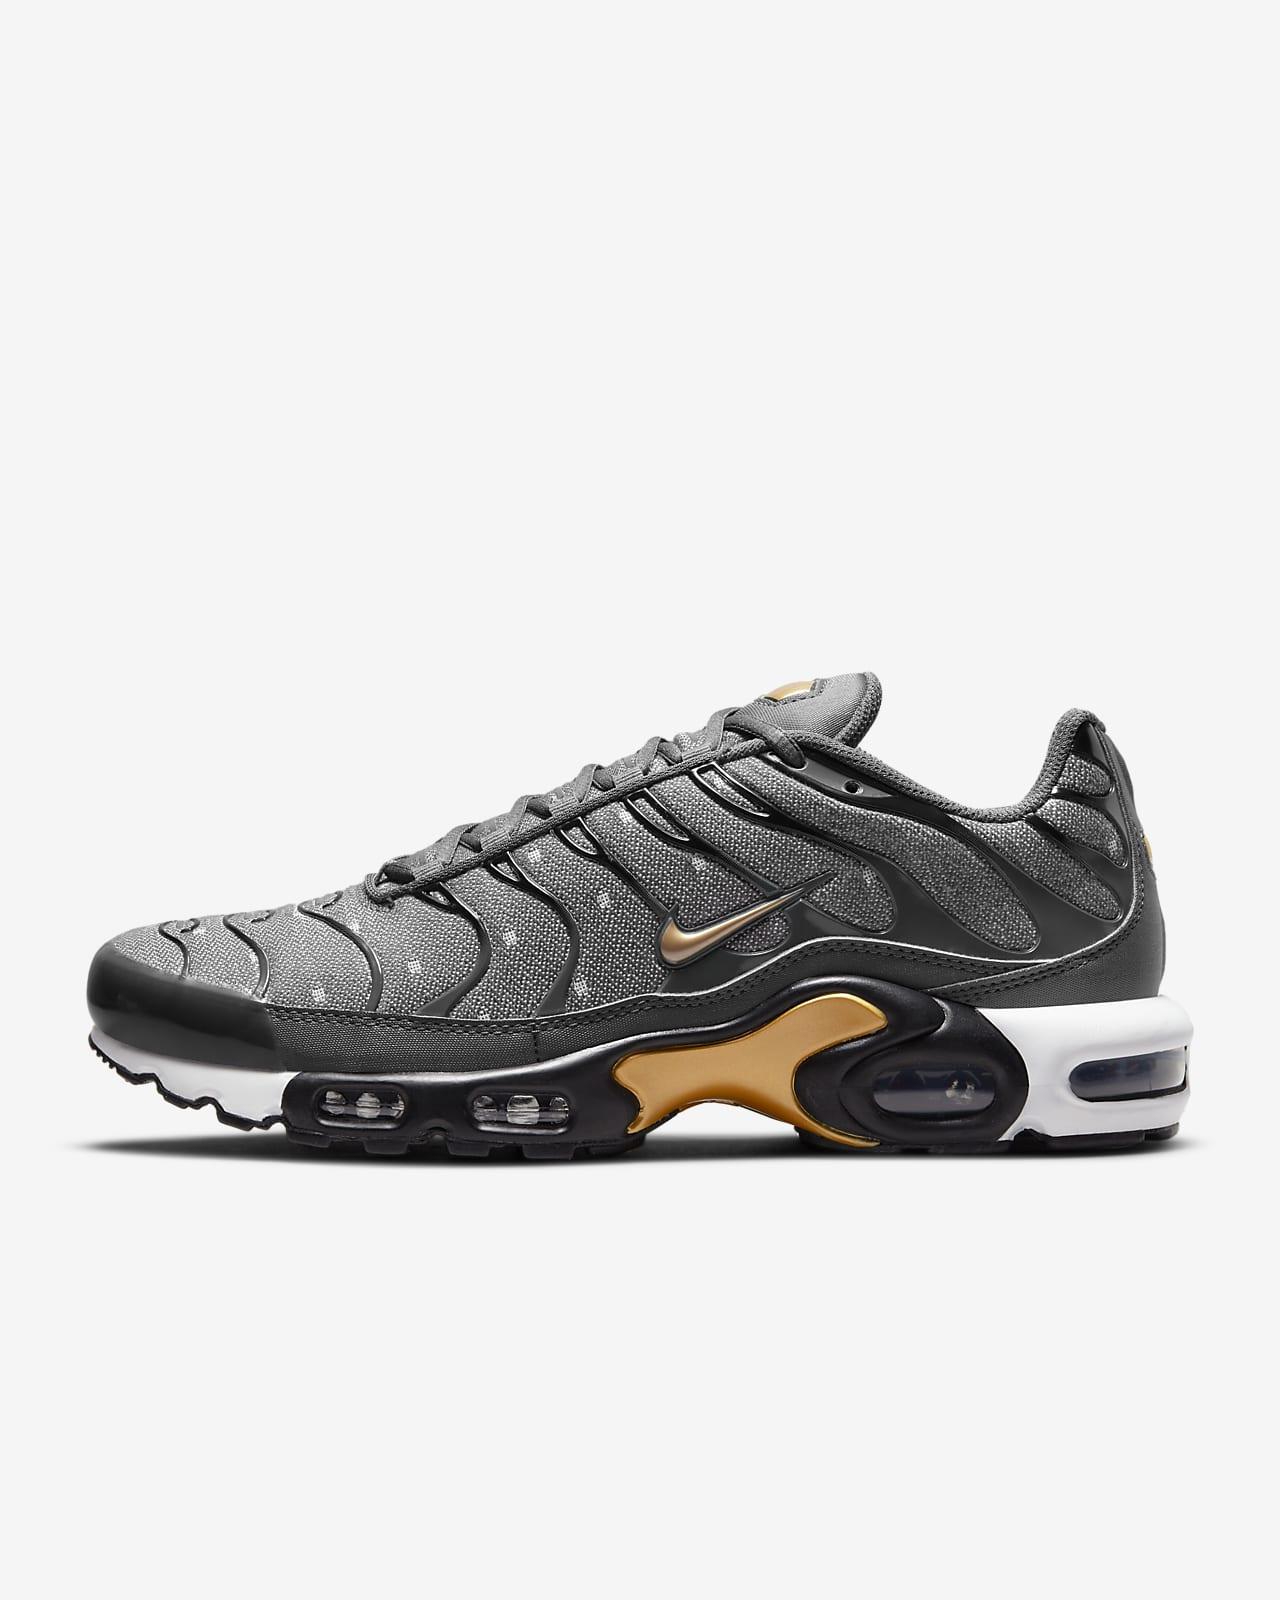 Nike Air Max Plus SE Men's Shoes